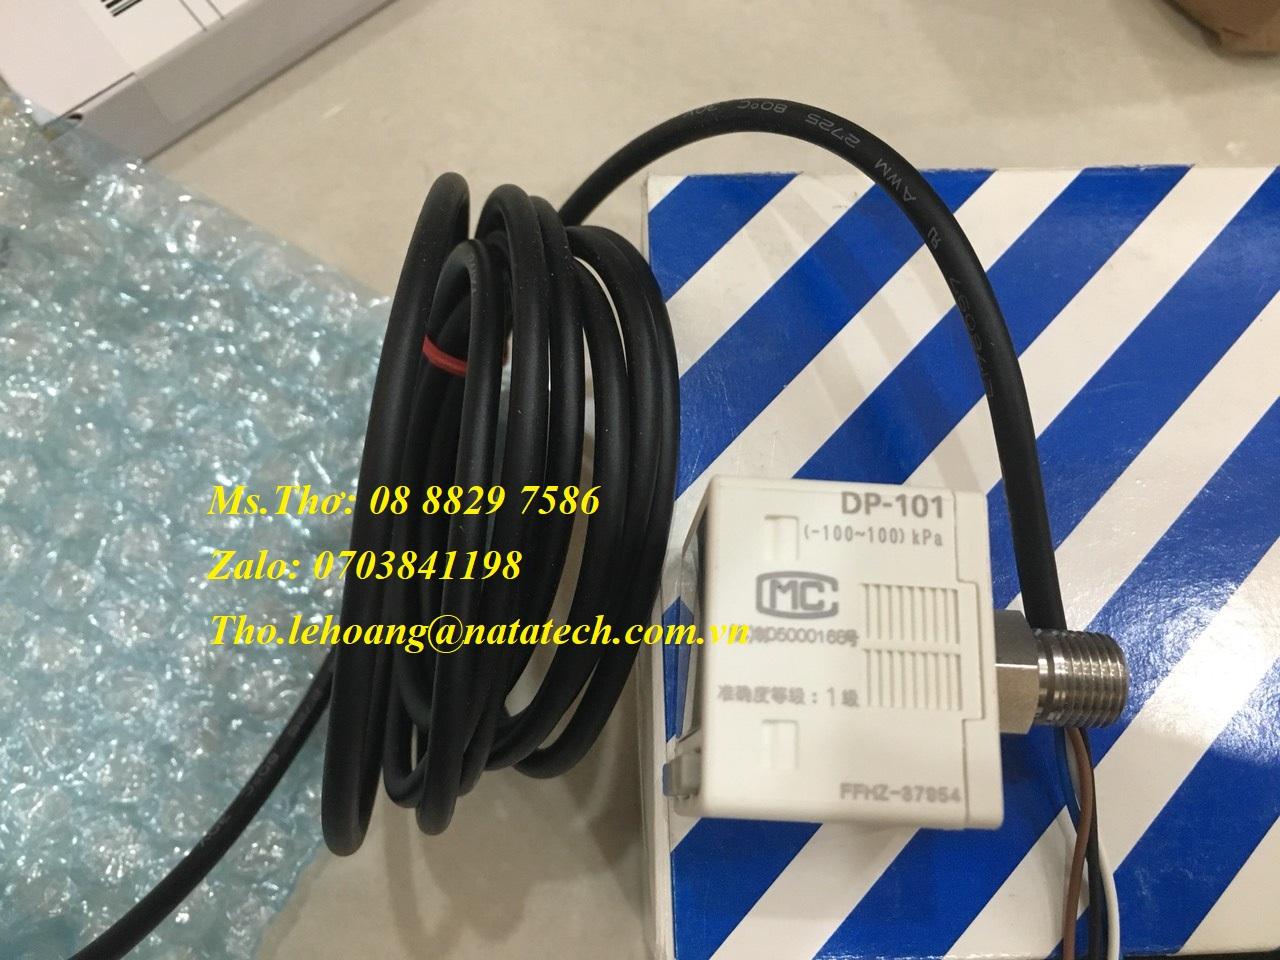 3 Cảm biến Panasonic DP-101 - Công Ty TNHH Natatech